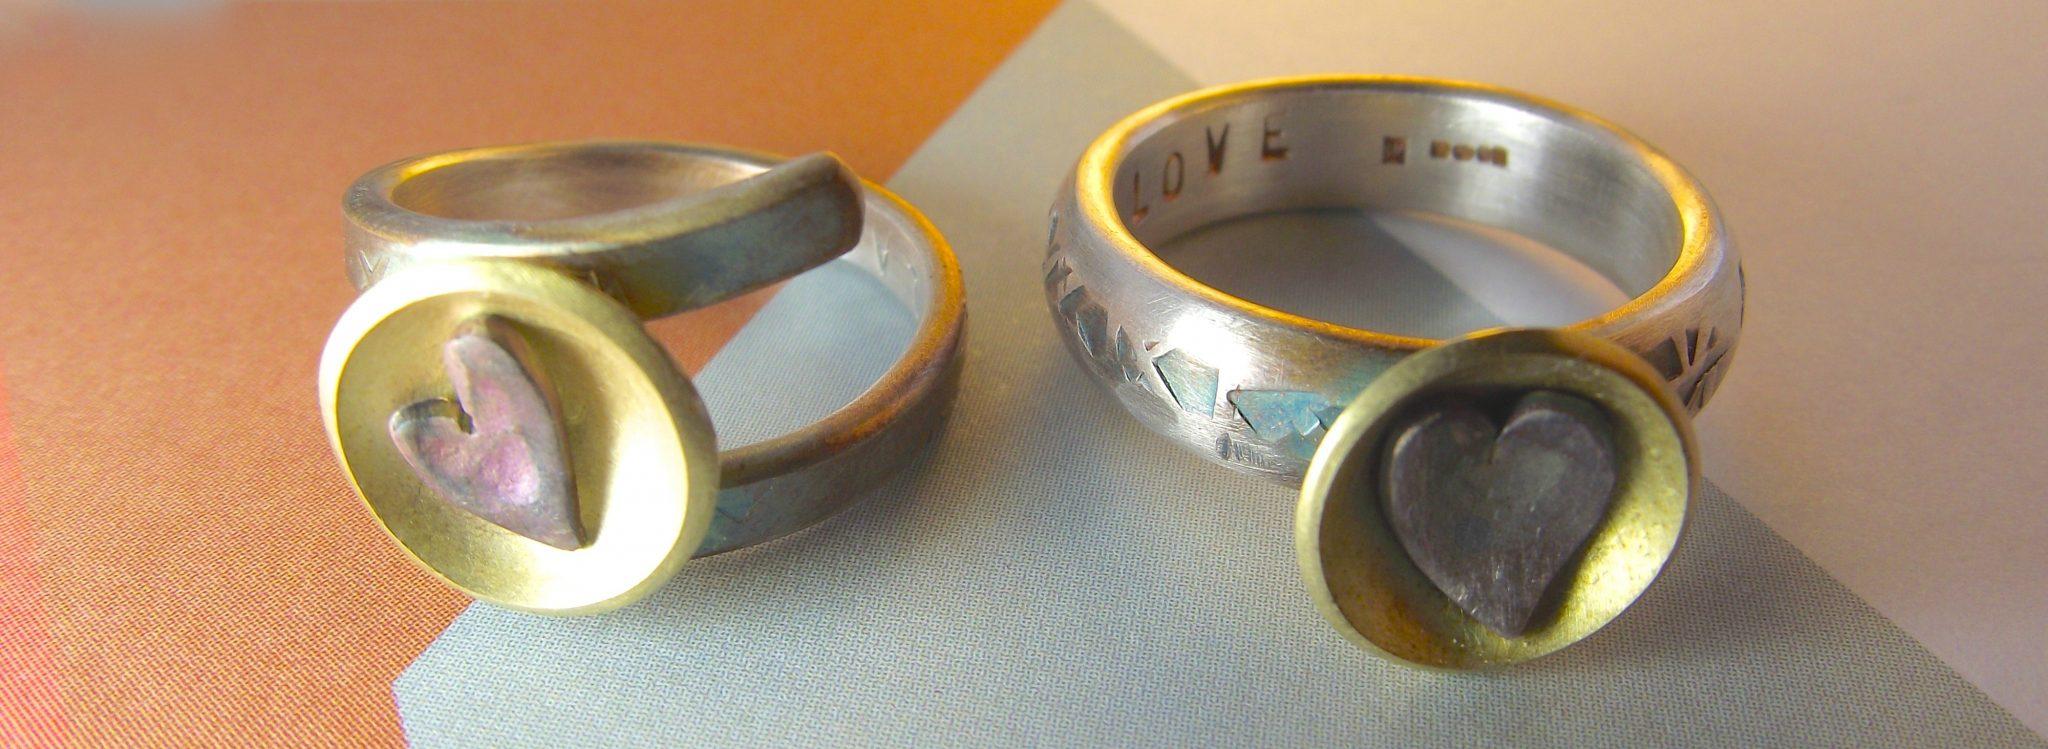 IamLove_rings